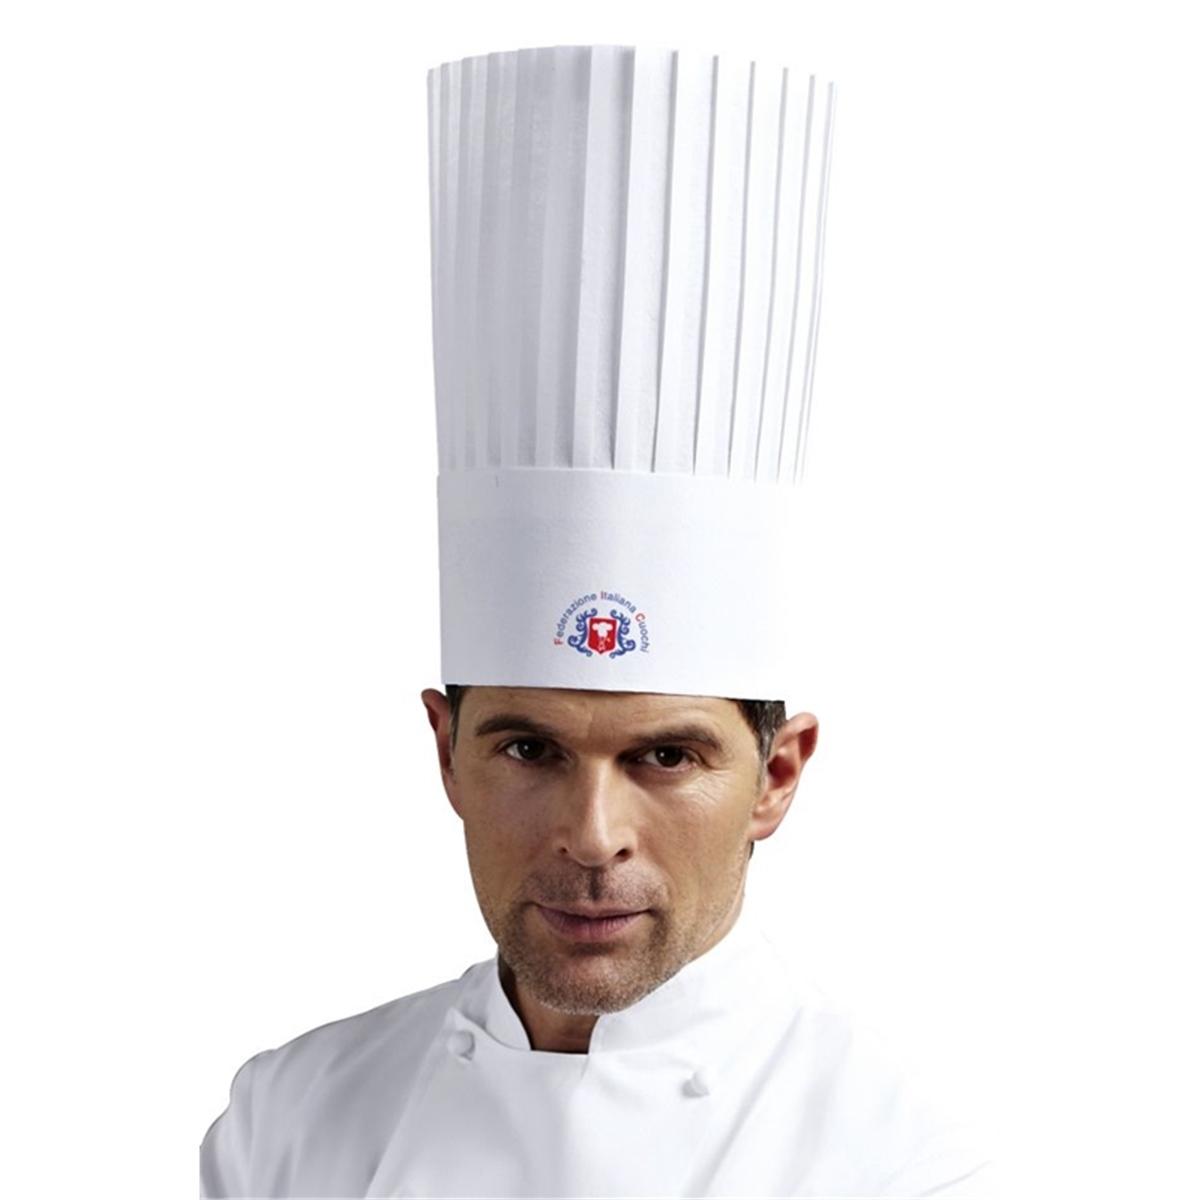 Cappello KING TNT vegetale